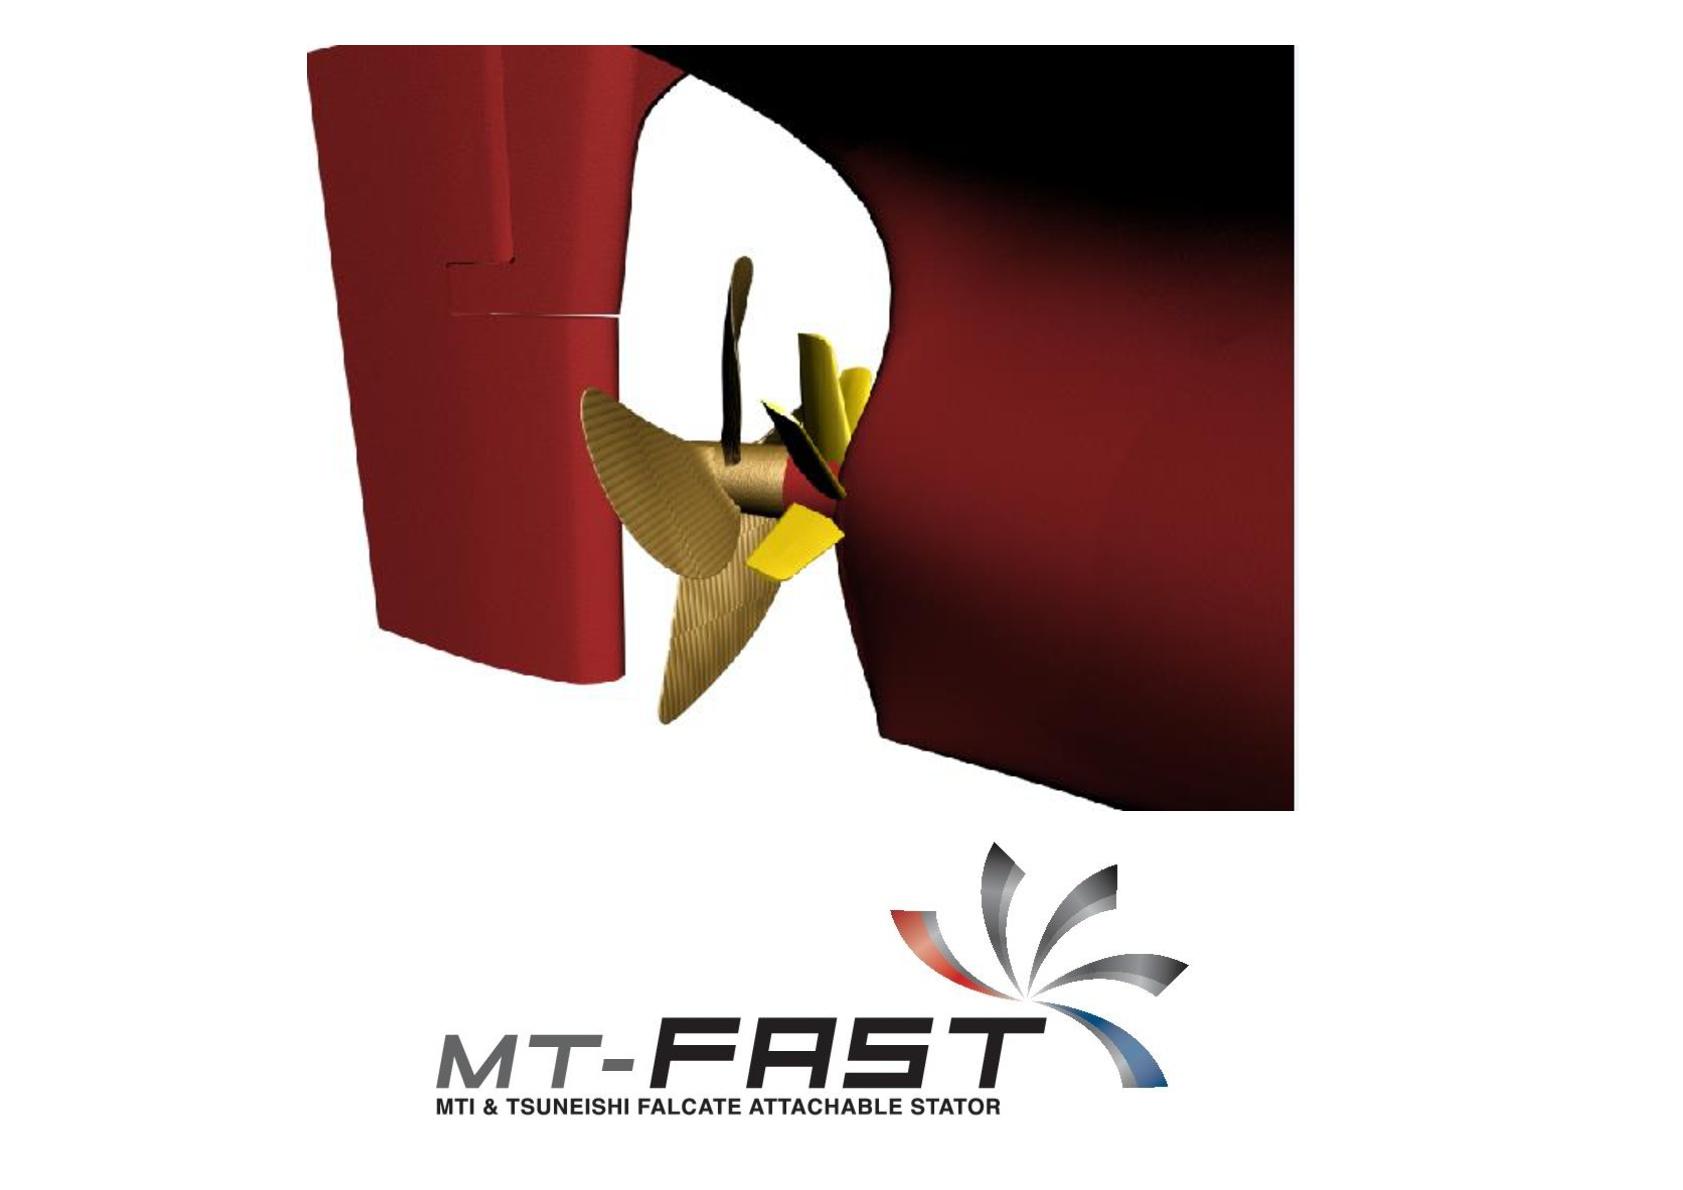 常石造船 省エネ船体付加物「MT-FAST」が搭載500隻を突破 ~日本郵船グループの株式会社MTIと共同開発~